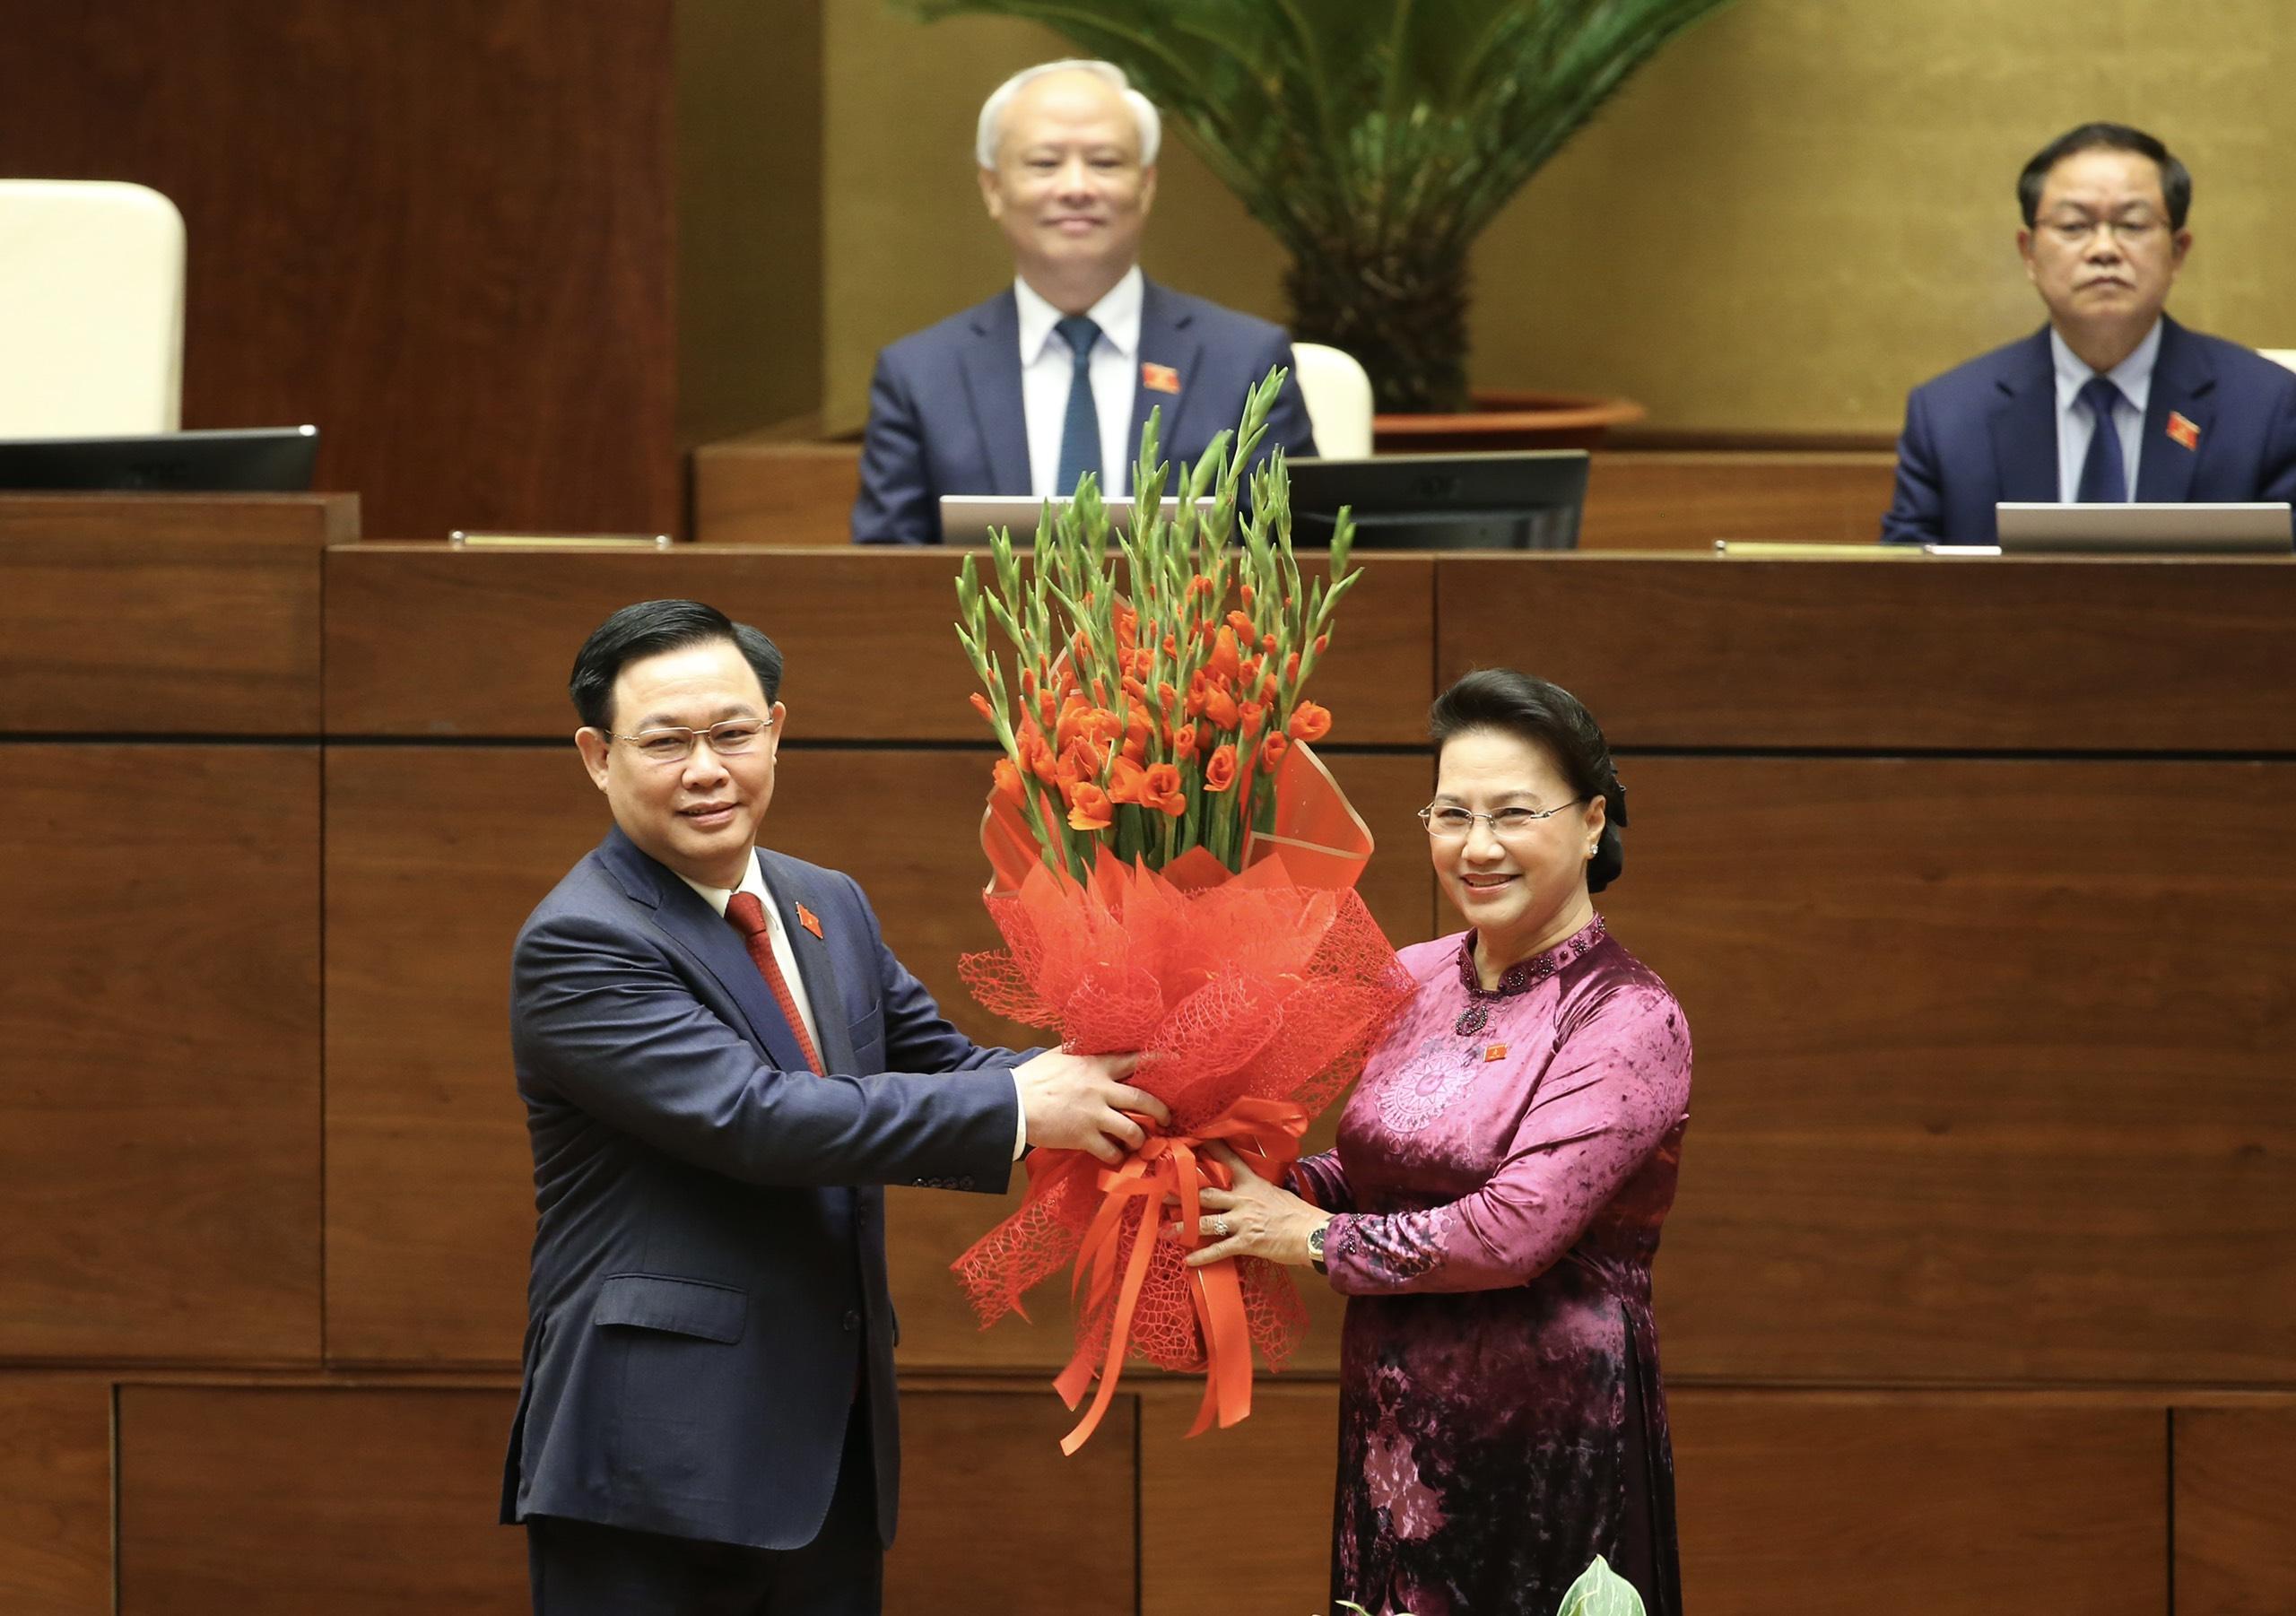 Chùm ảnh: Tân Chủ tịch Quốc hội tuyên thệ nhậm chức, điều hành phiên họp - Ảnh 6